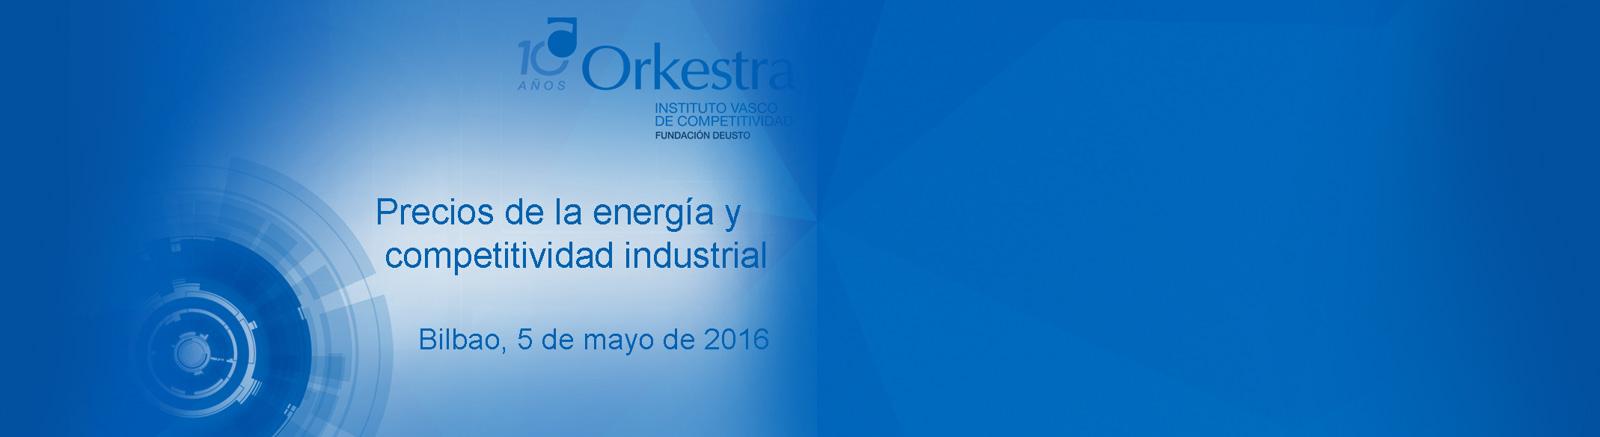 Precios de la energía y competitividad industrial